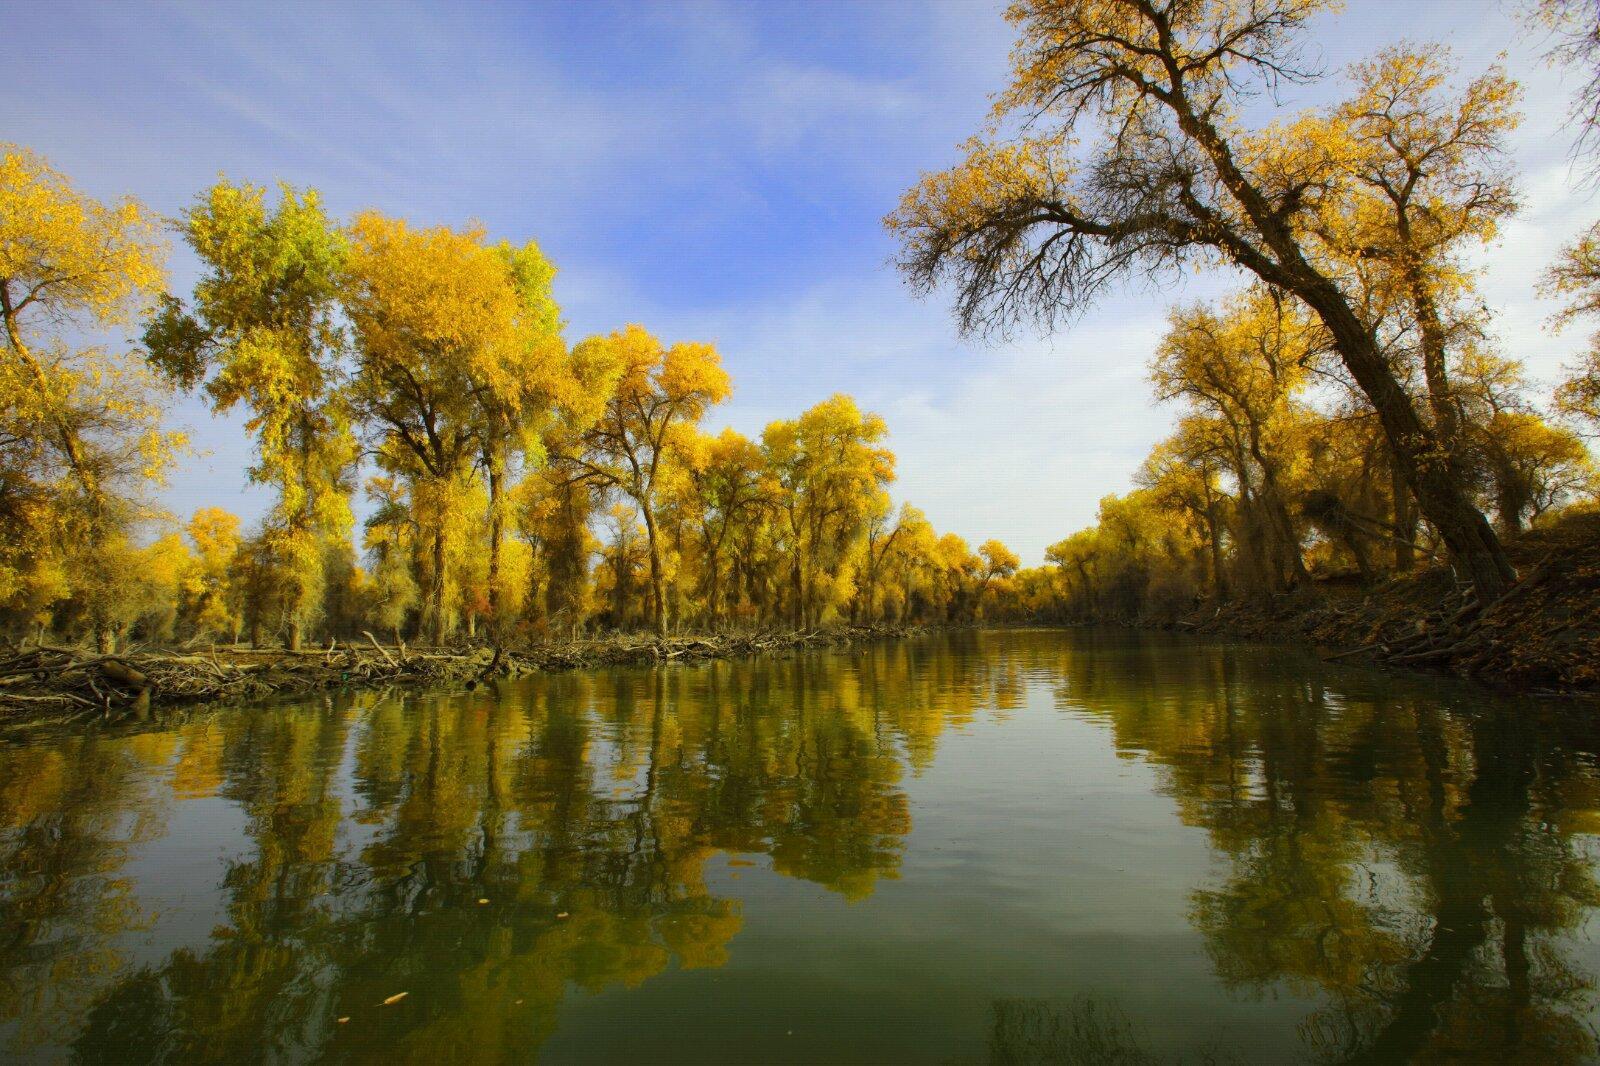 塔里木胡杨林国家森林公园集塔河自然景观